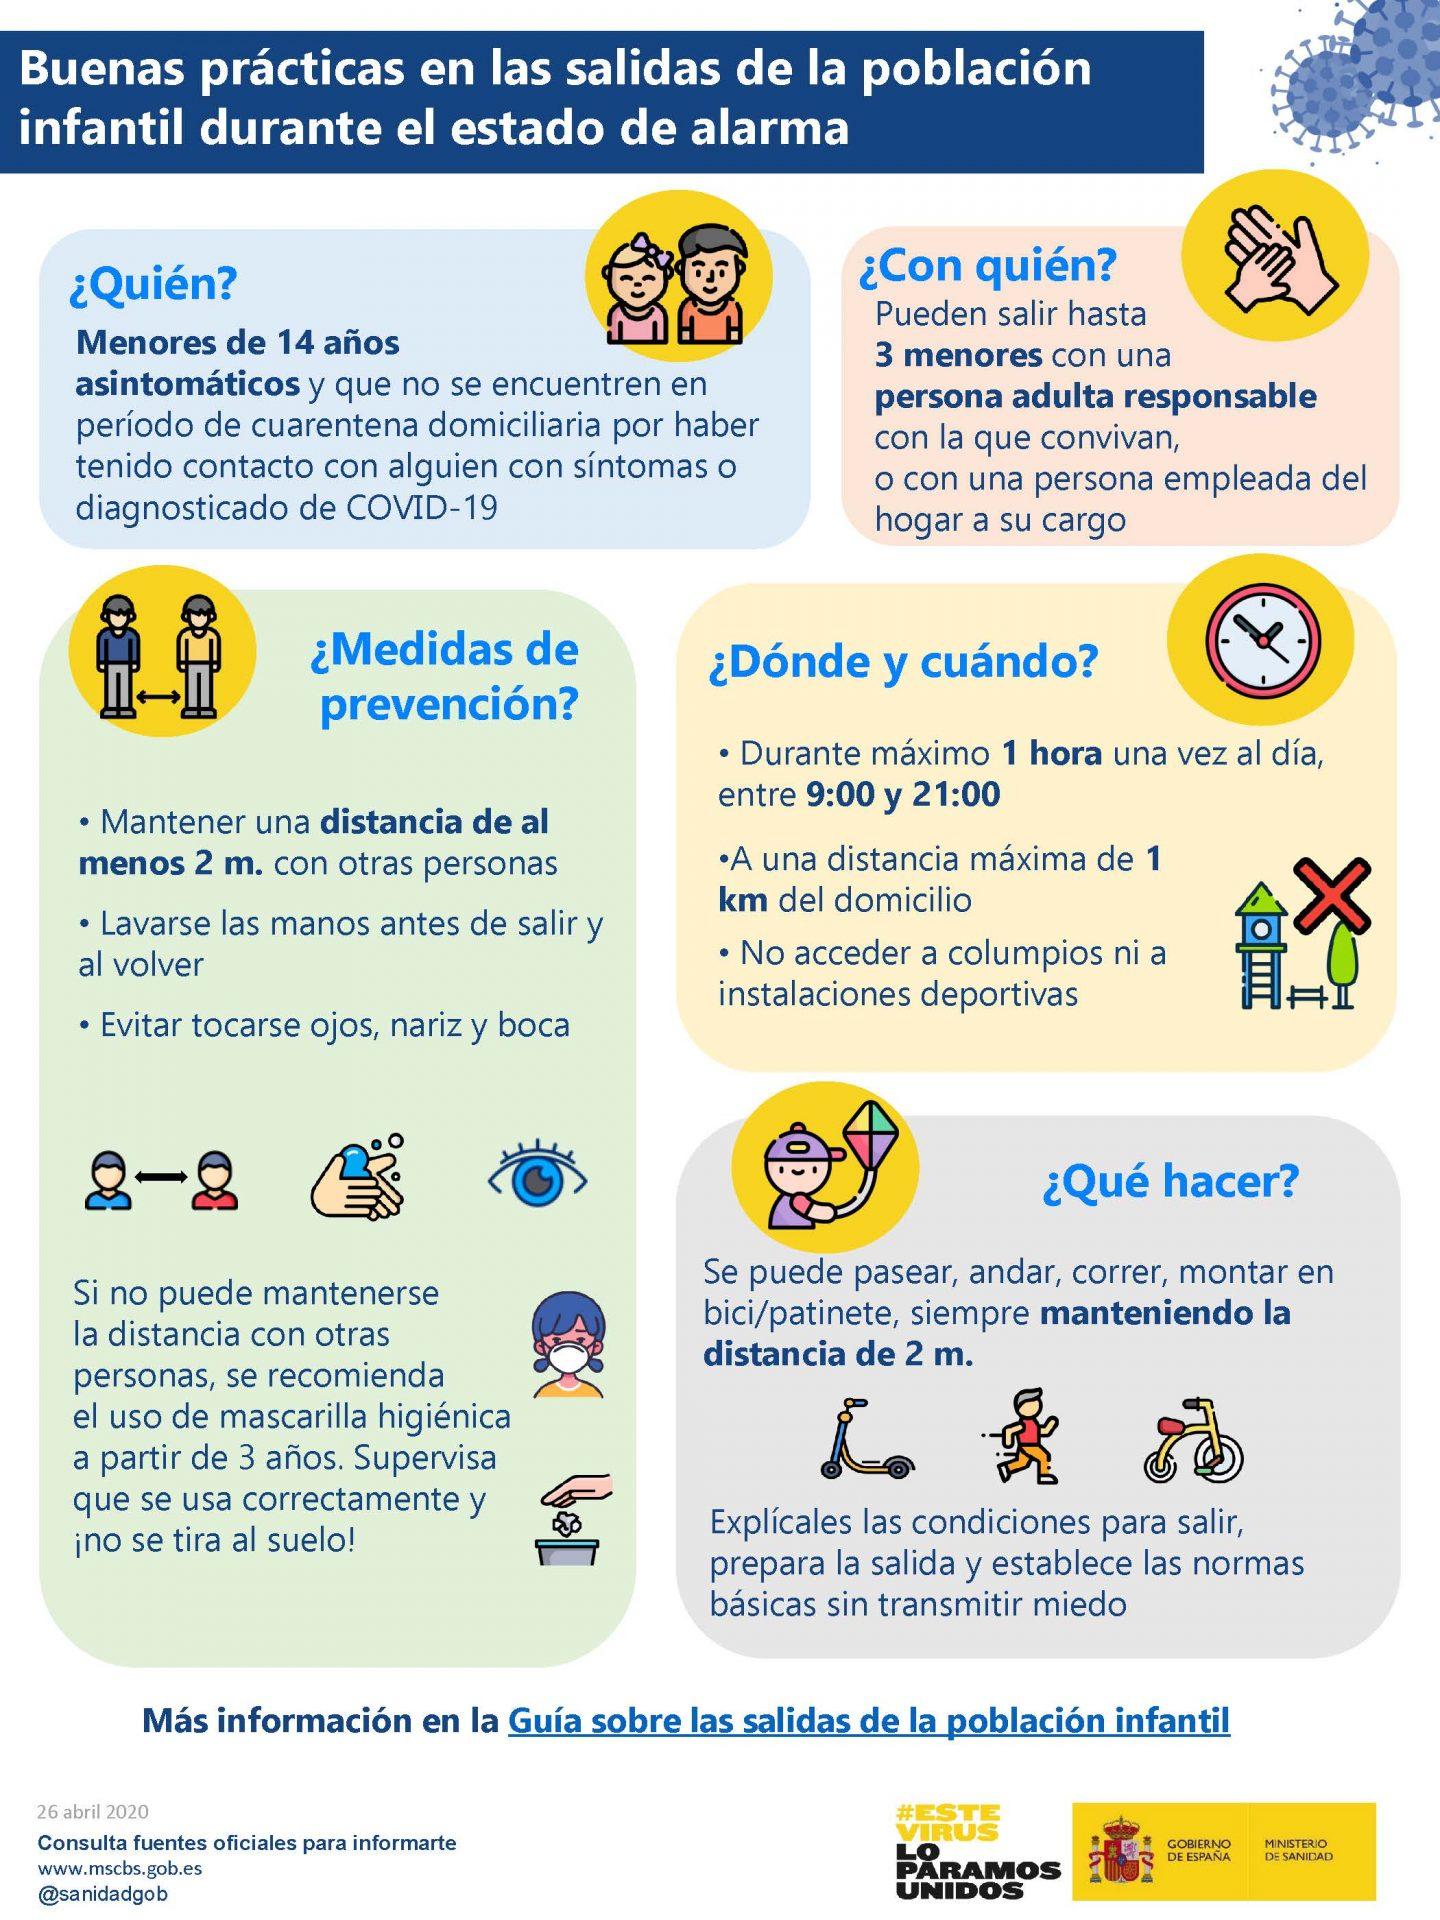 BUENAS PRÁCTICAS PARA LA SALIDA DE MENORES EN ESTADO DE ALARMA #COVID-19